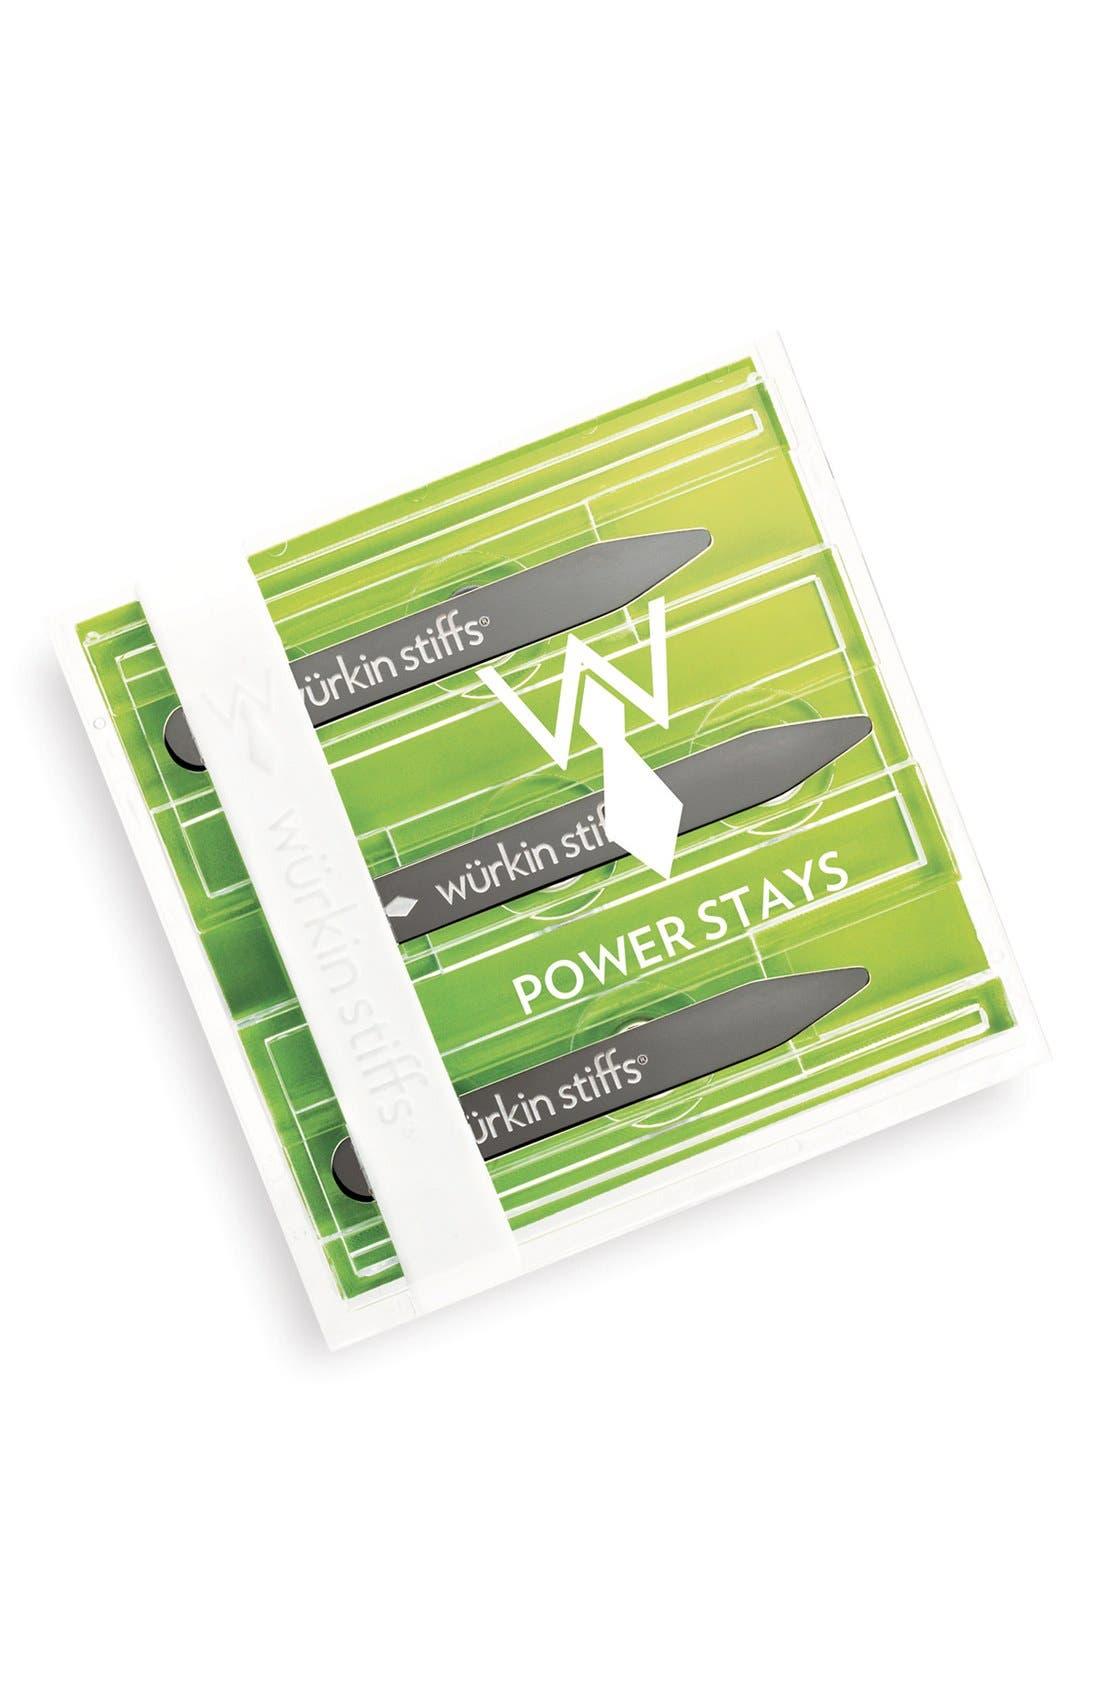 Würkin Stiffs Power Stays™ (3-Pack)